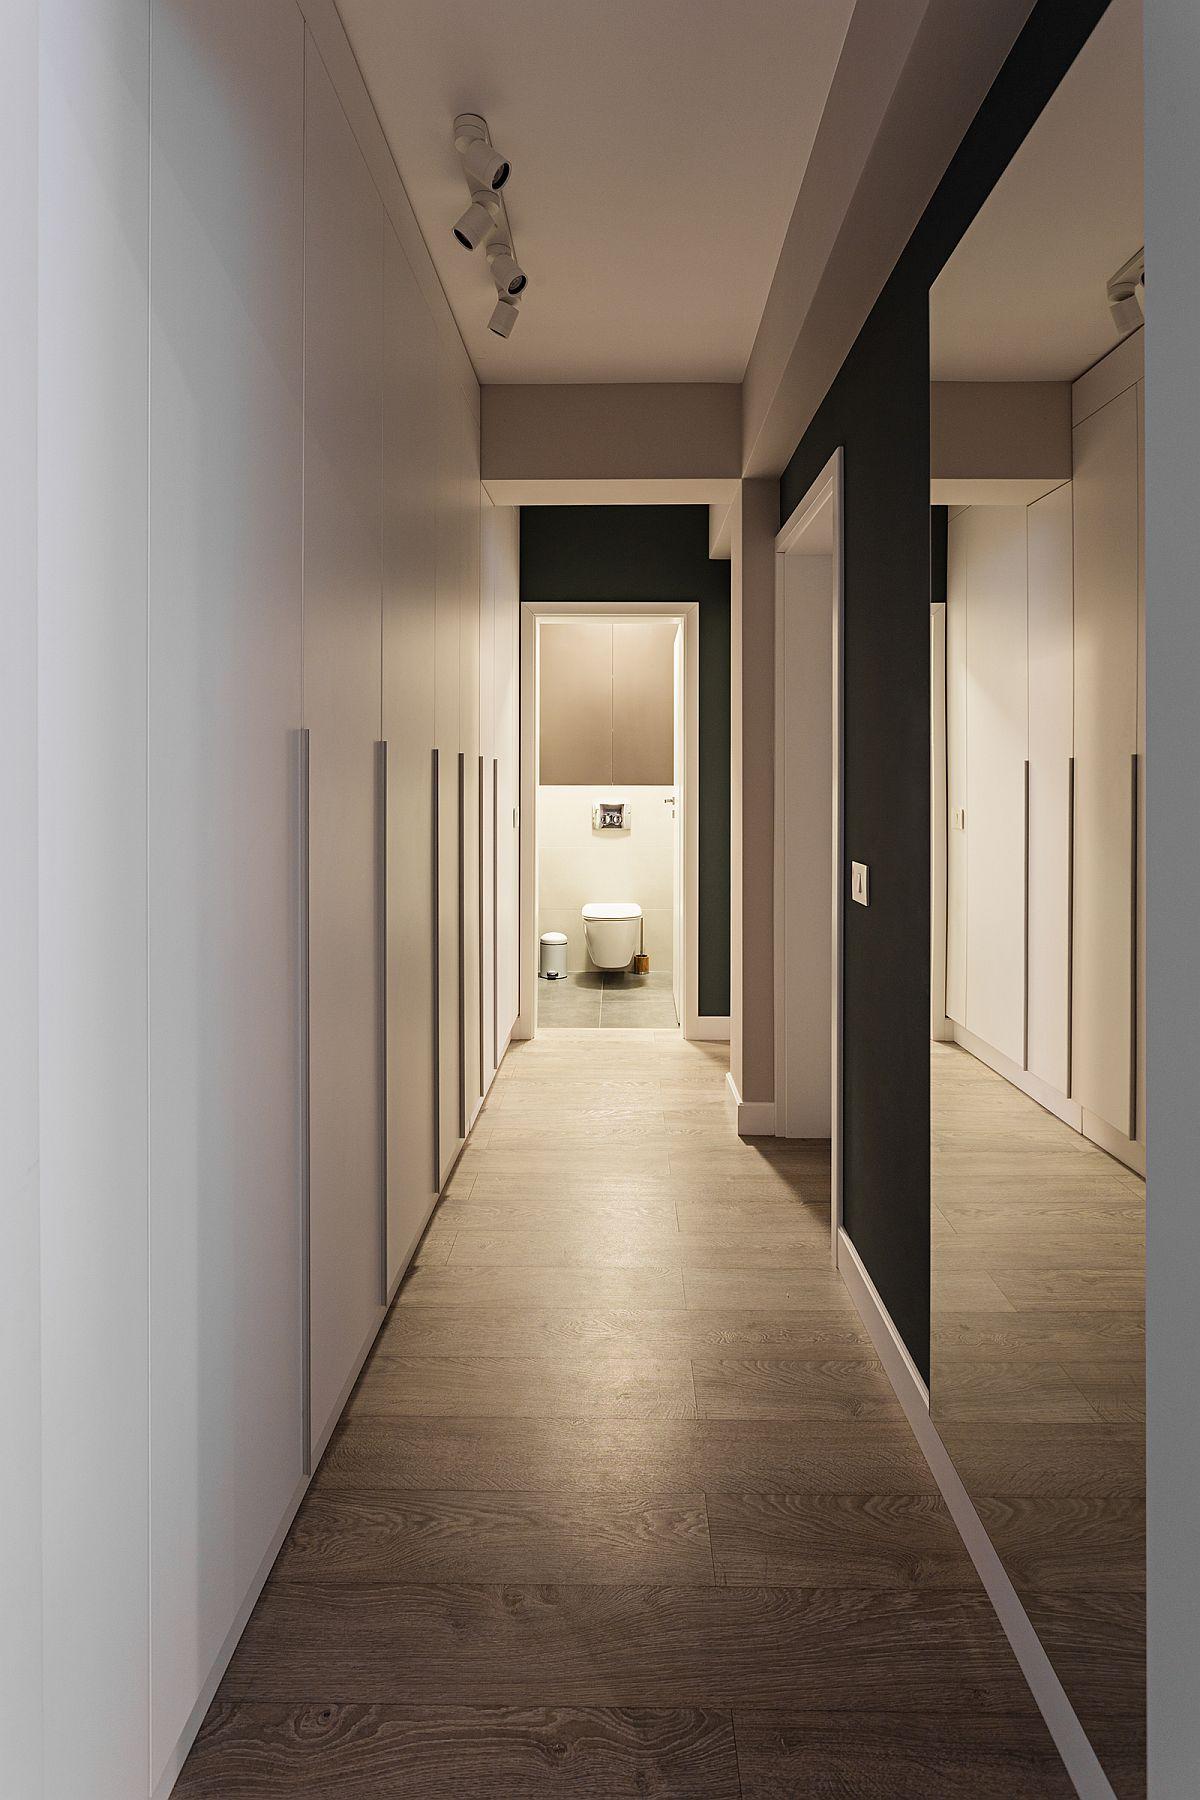 Pentru mai multă funcționalitate, dulapurile din hol au în partea de jos o plintă restrasă, iar ușile dulapurilor au mînere aplicate pentru ca aspectul final să fie similar unei placări.